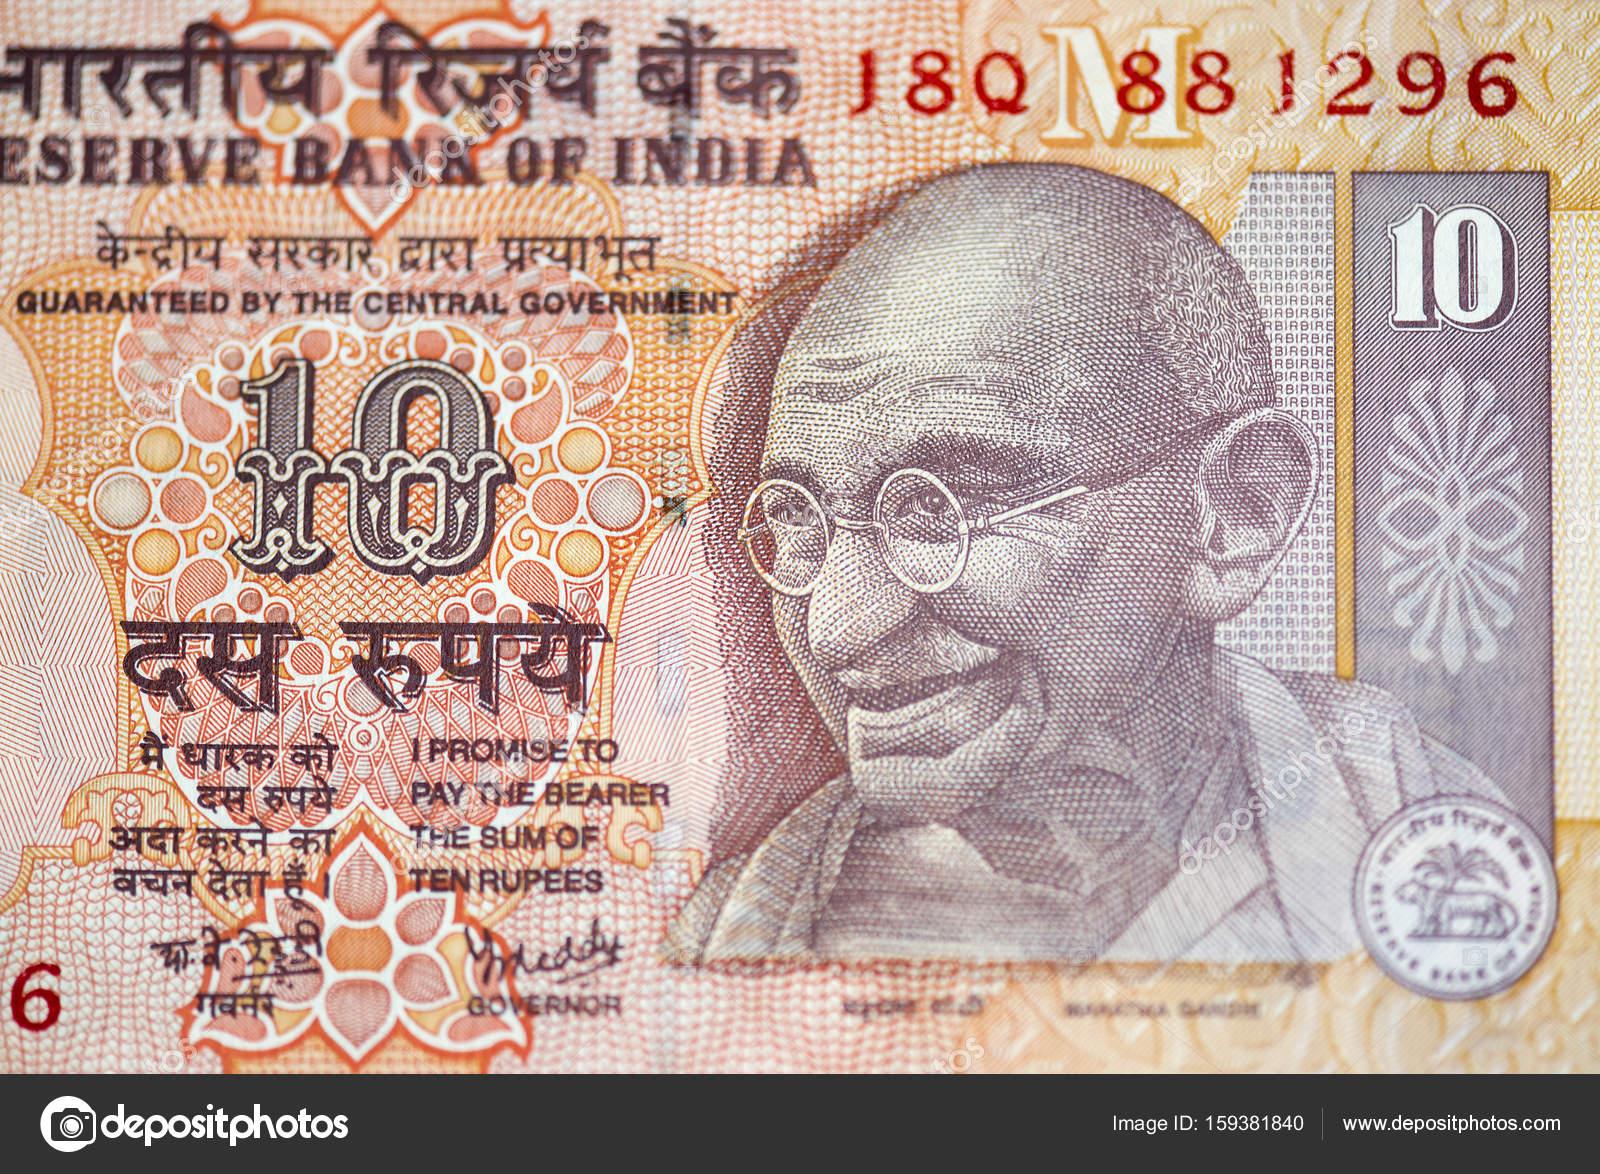 マハトマ ・ ガンジー インド 10 ルピー紙幣、マクロ写真肖像画 — ストック写真